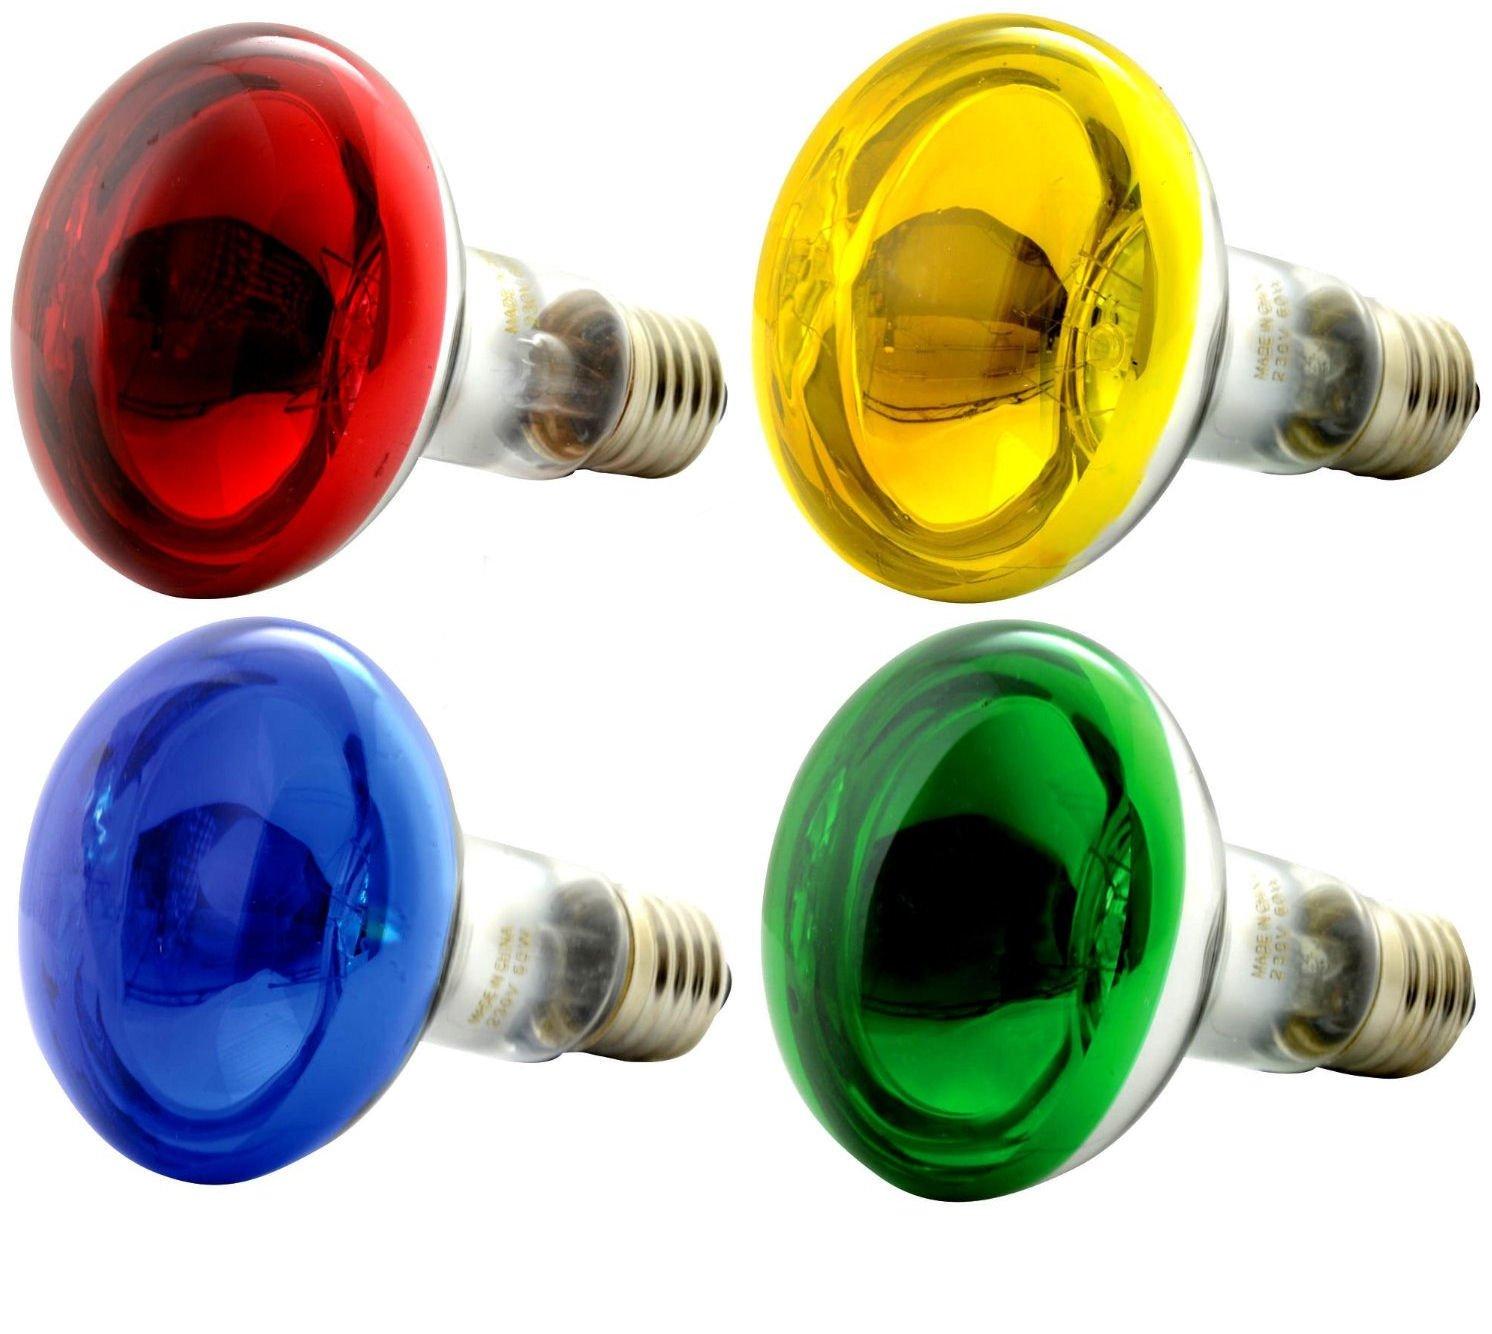 OmniaLaser OL-KIT4COLOR60 Kit 4 Lampadine Colorate ad incandescenza di Tipo Spot con riflettore/Specchio Cromato E27 60 Watt ognuna RCE